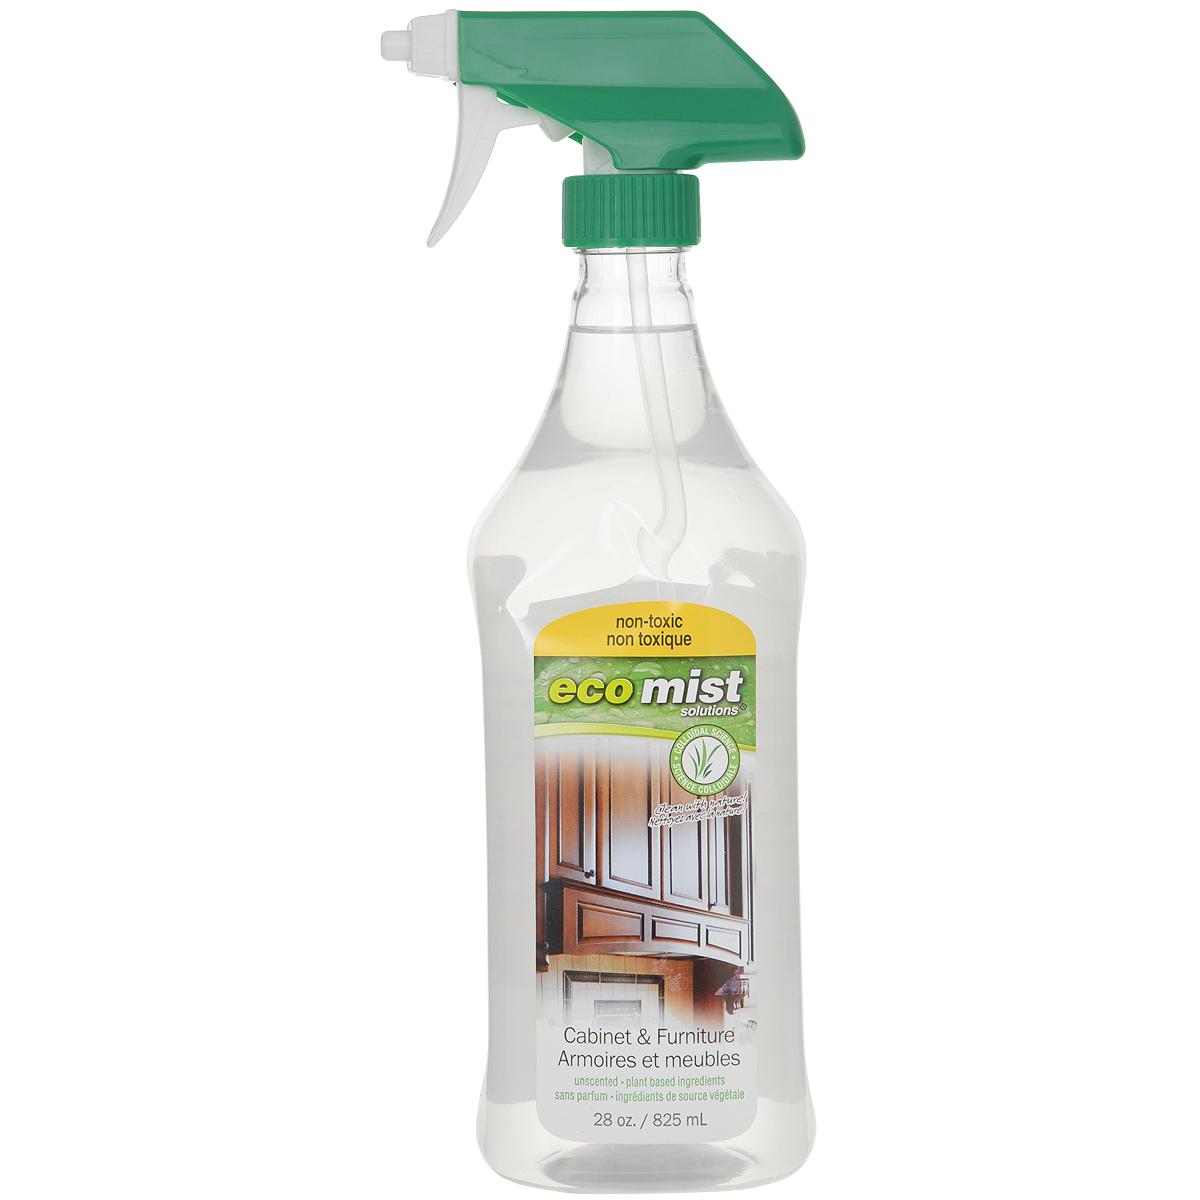 Средство для чистки мебели и уборки в кабинете Eco Mist, 825 мл391602Специальное средство Eco Mist для удаления любых видов загрязнений, разводов, пыли с мебели, включая лакированную и из натурального дерева. Не оставляет следов после использования, а также предотвращает повторное оседание пыли. Не токсично. Без запаха. За счет активных полирующих свойств мебель надолго приобретает ухоженный вид, блеск и гладкость поверхностей.Состав: дехлорированная вода, кокос, различные экстракты, сахарный тростник, экстракт картофеля, кукуруза.